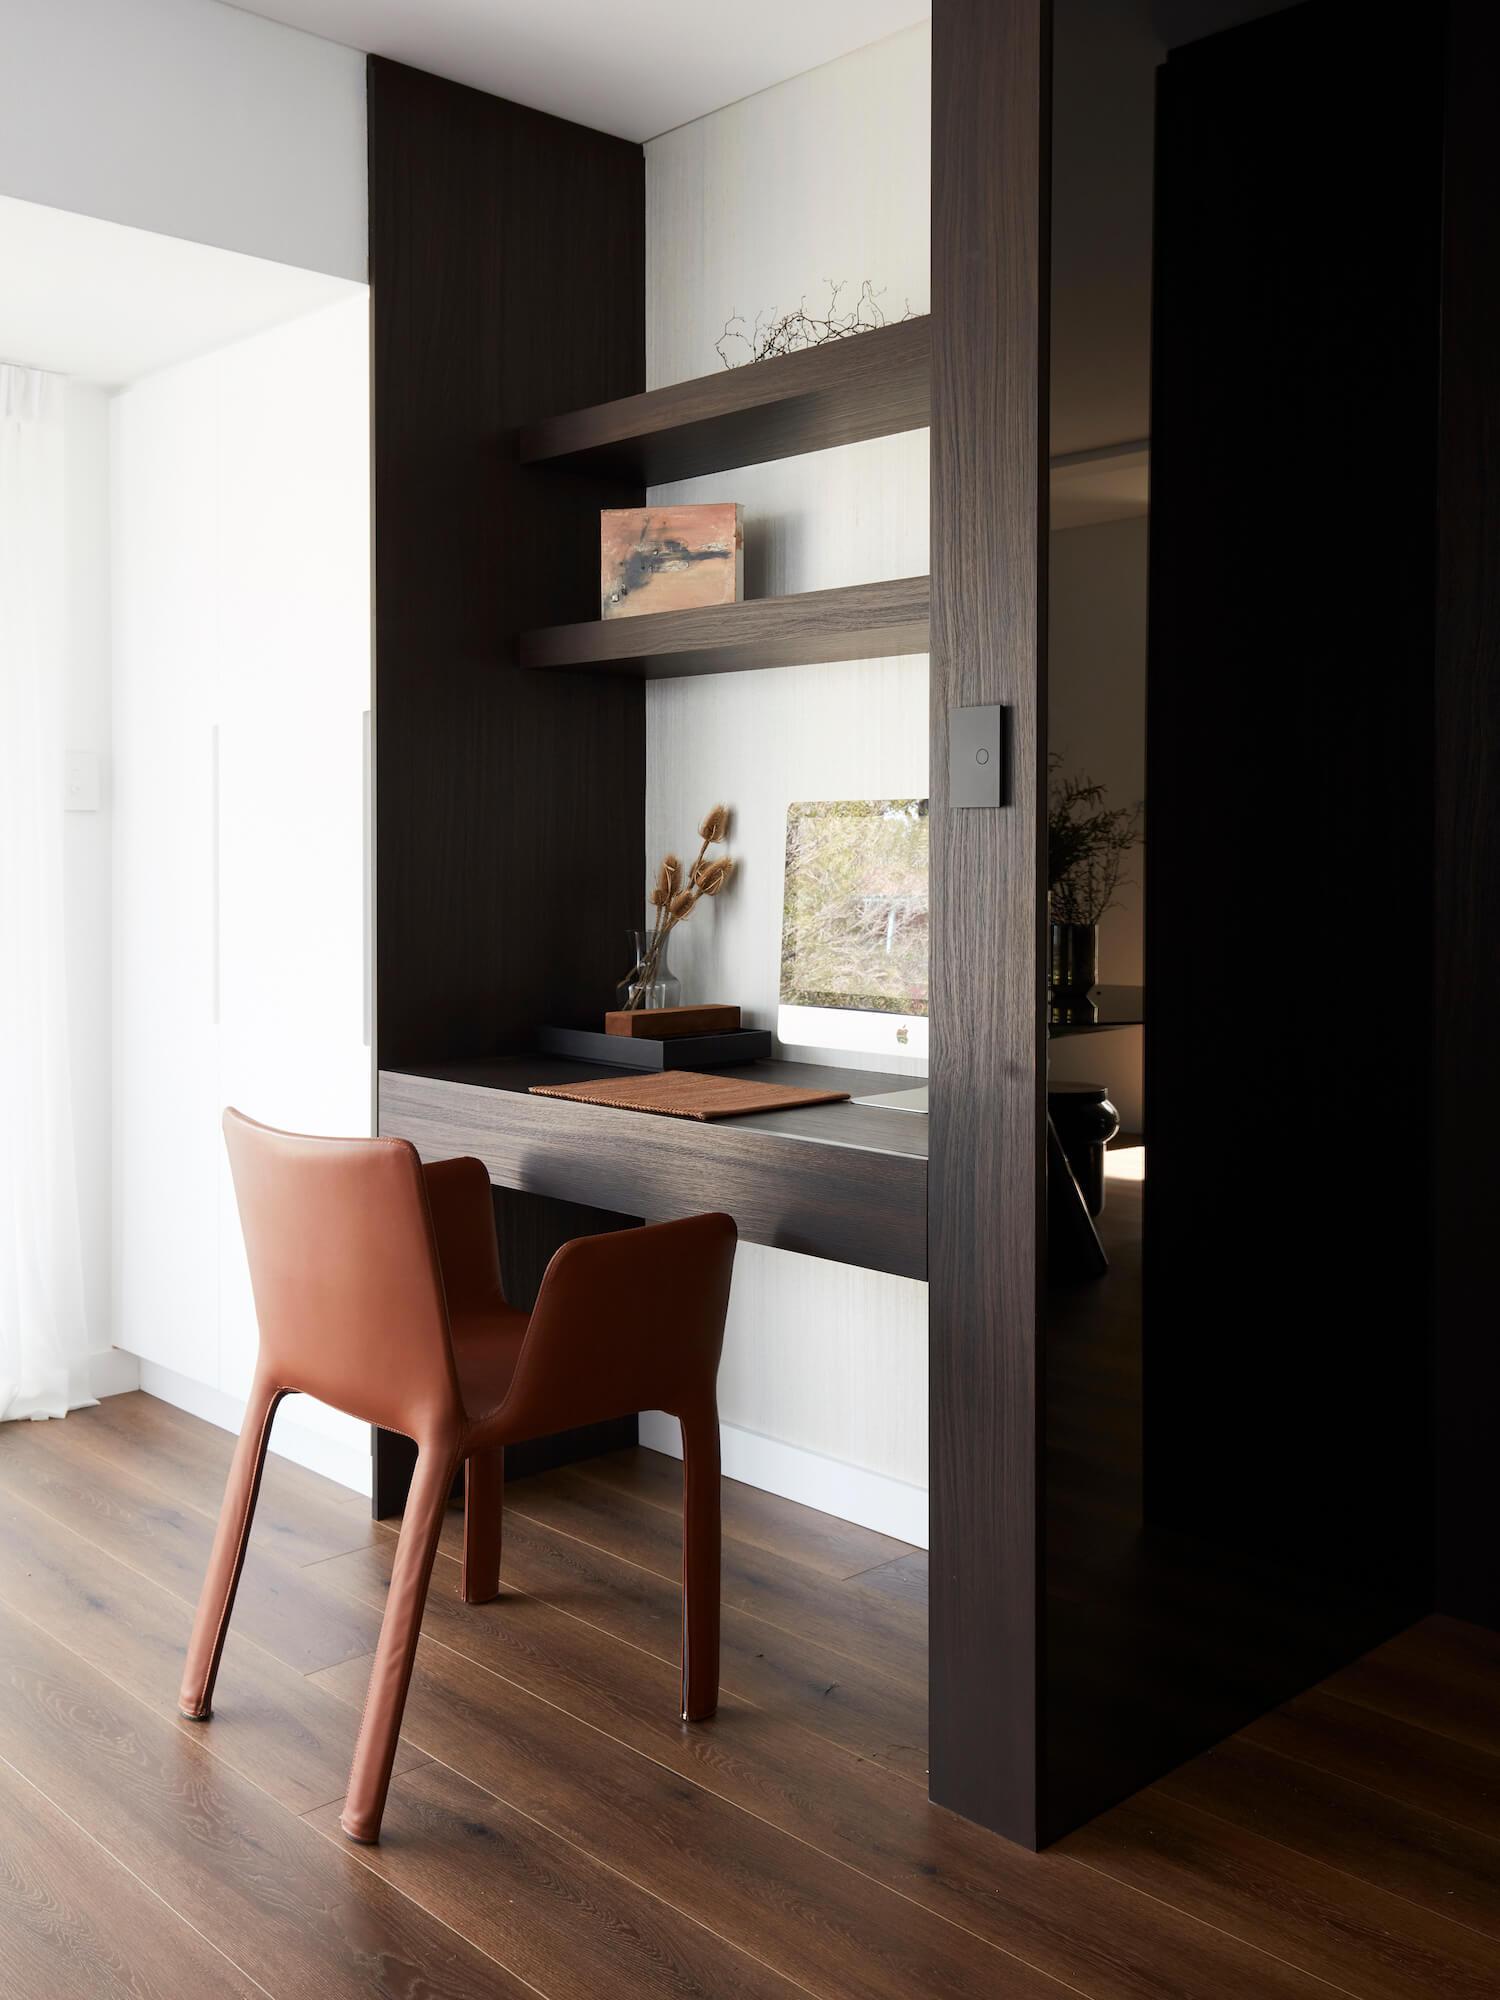 est living sydney pied a terre infinite design studio 9